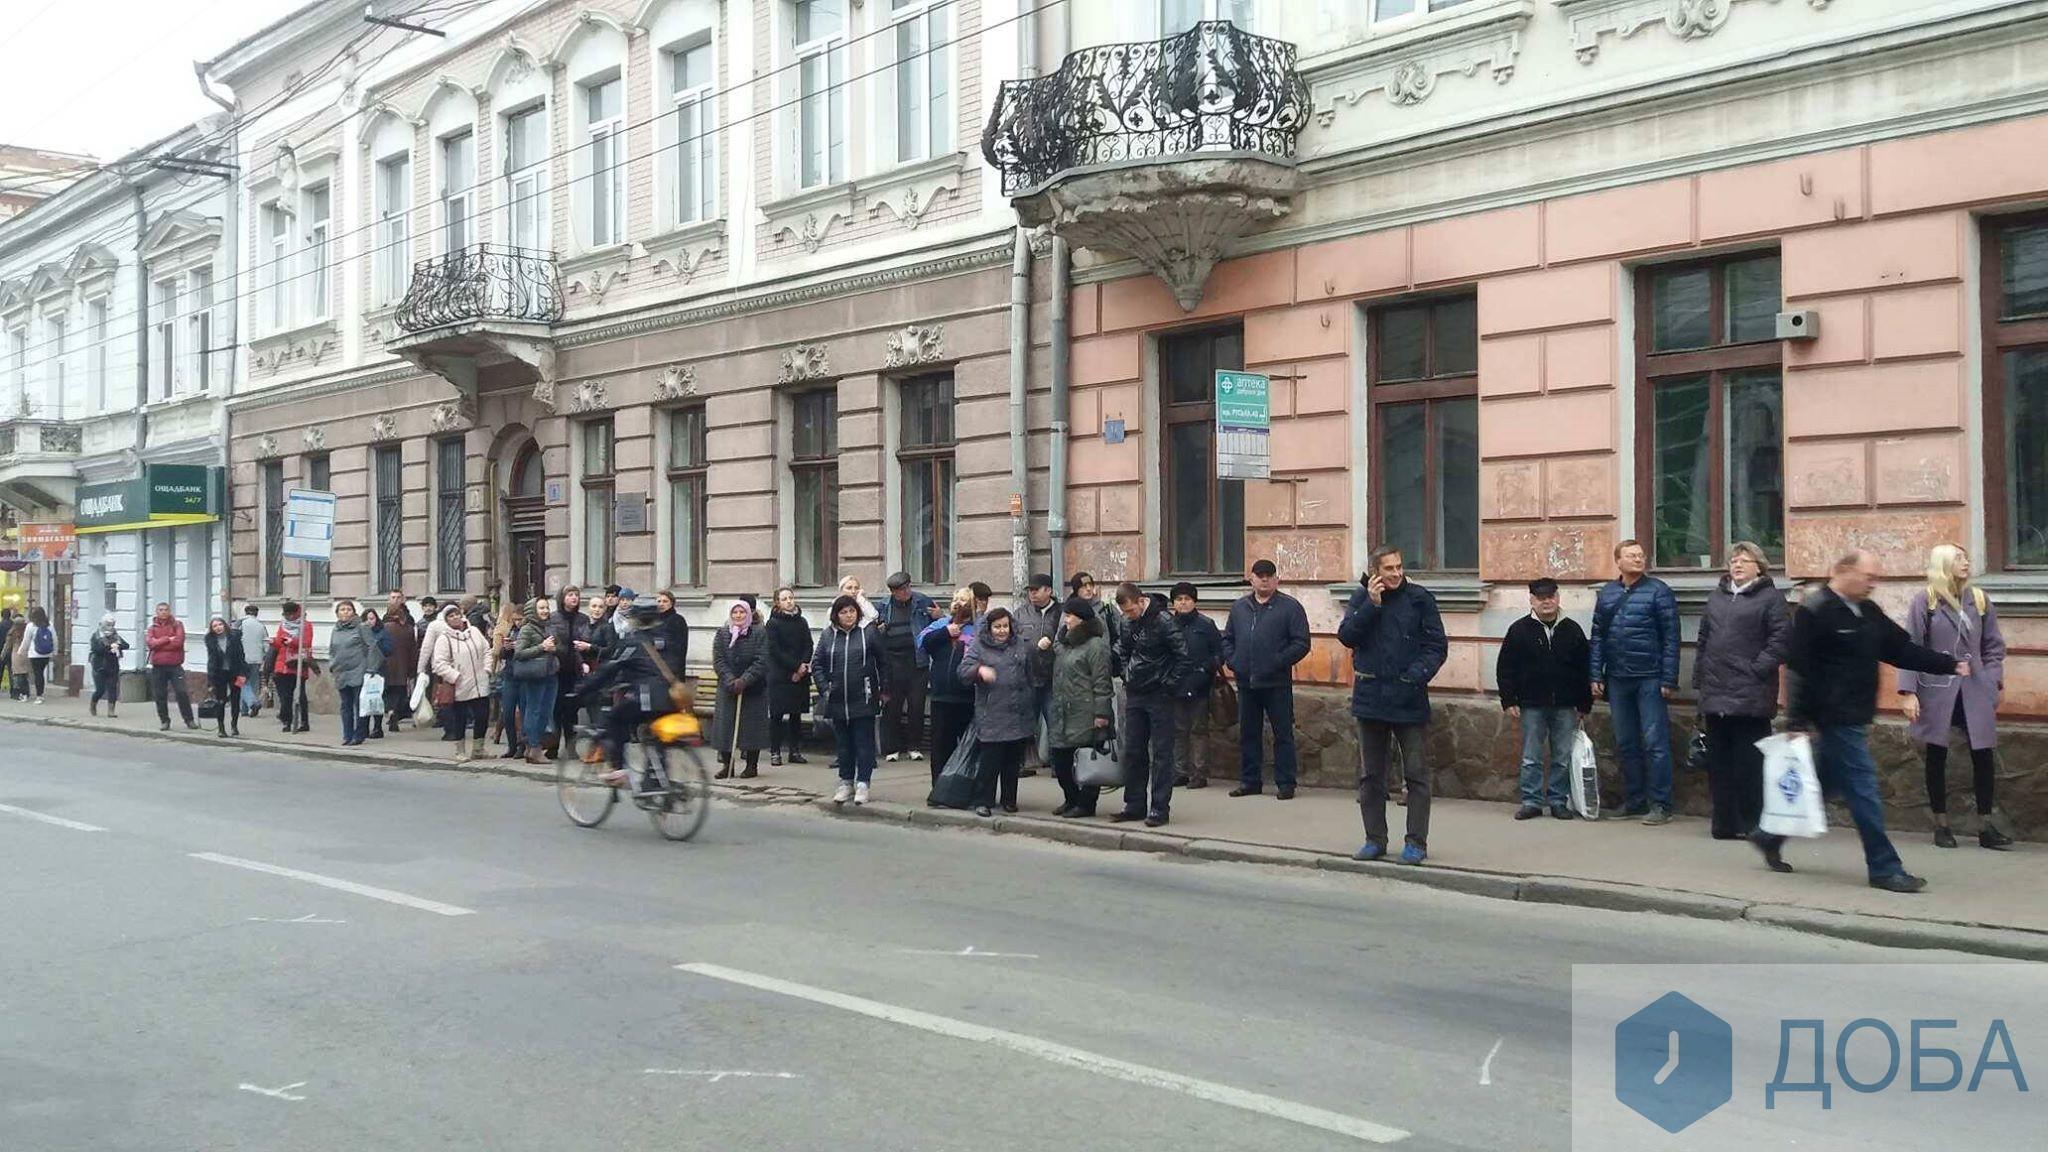 Маршруток нет, троллейбусы битком: появилось видео транспортного коллапса в Тернополе - видео